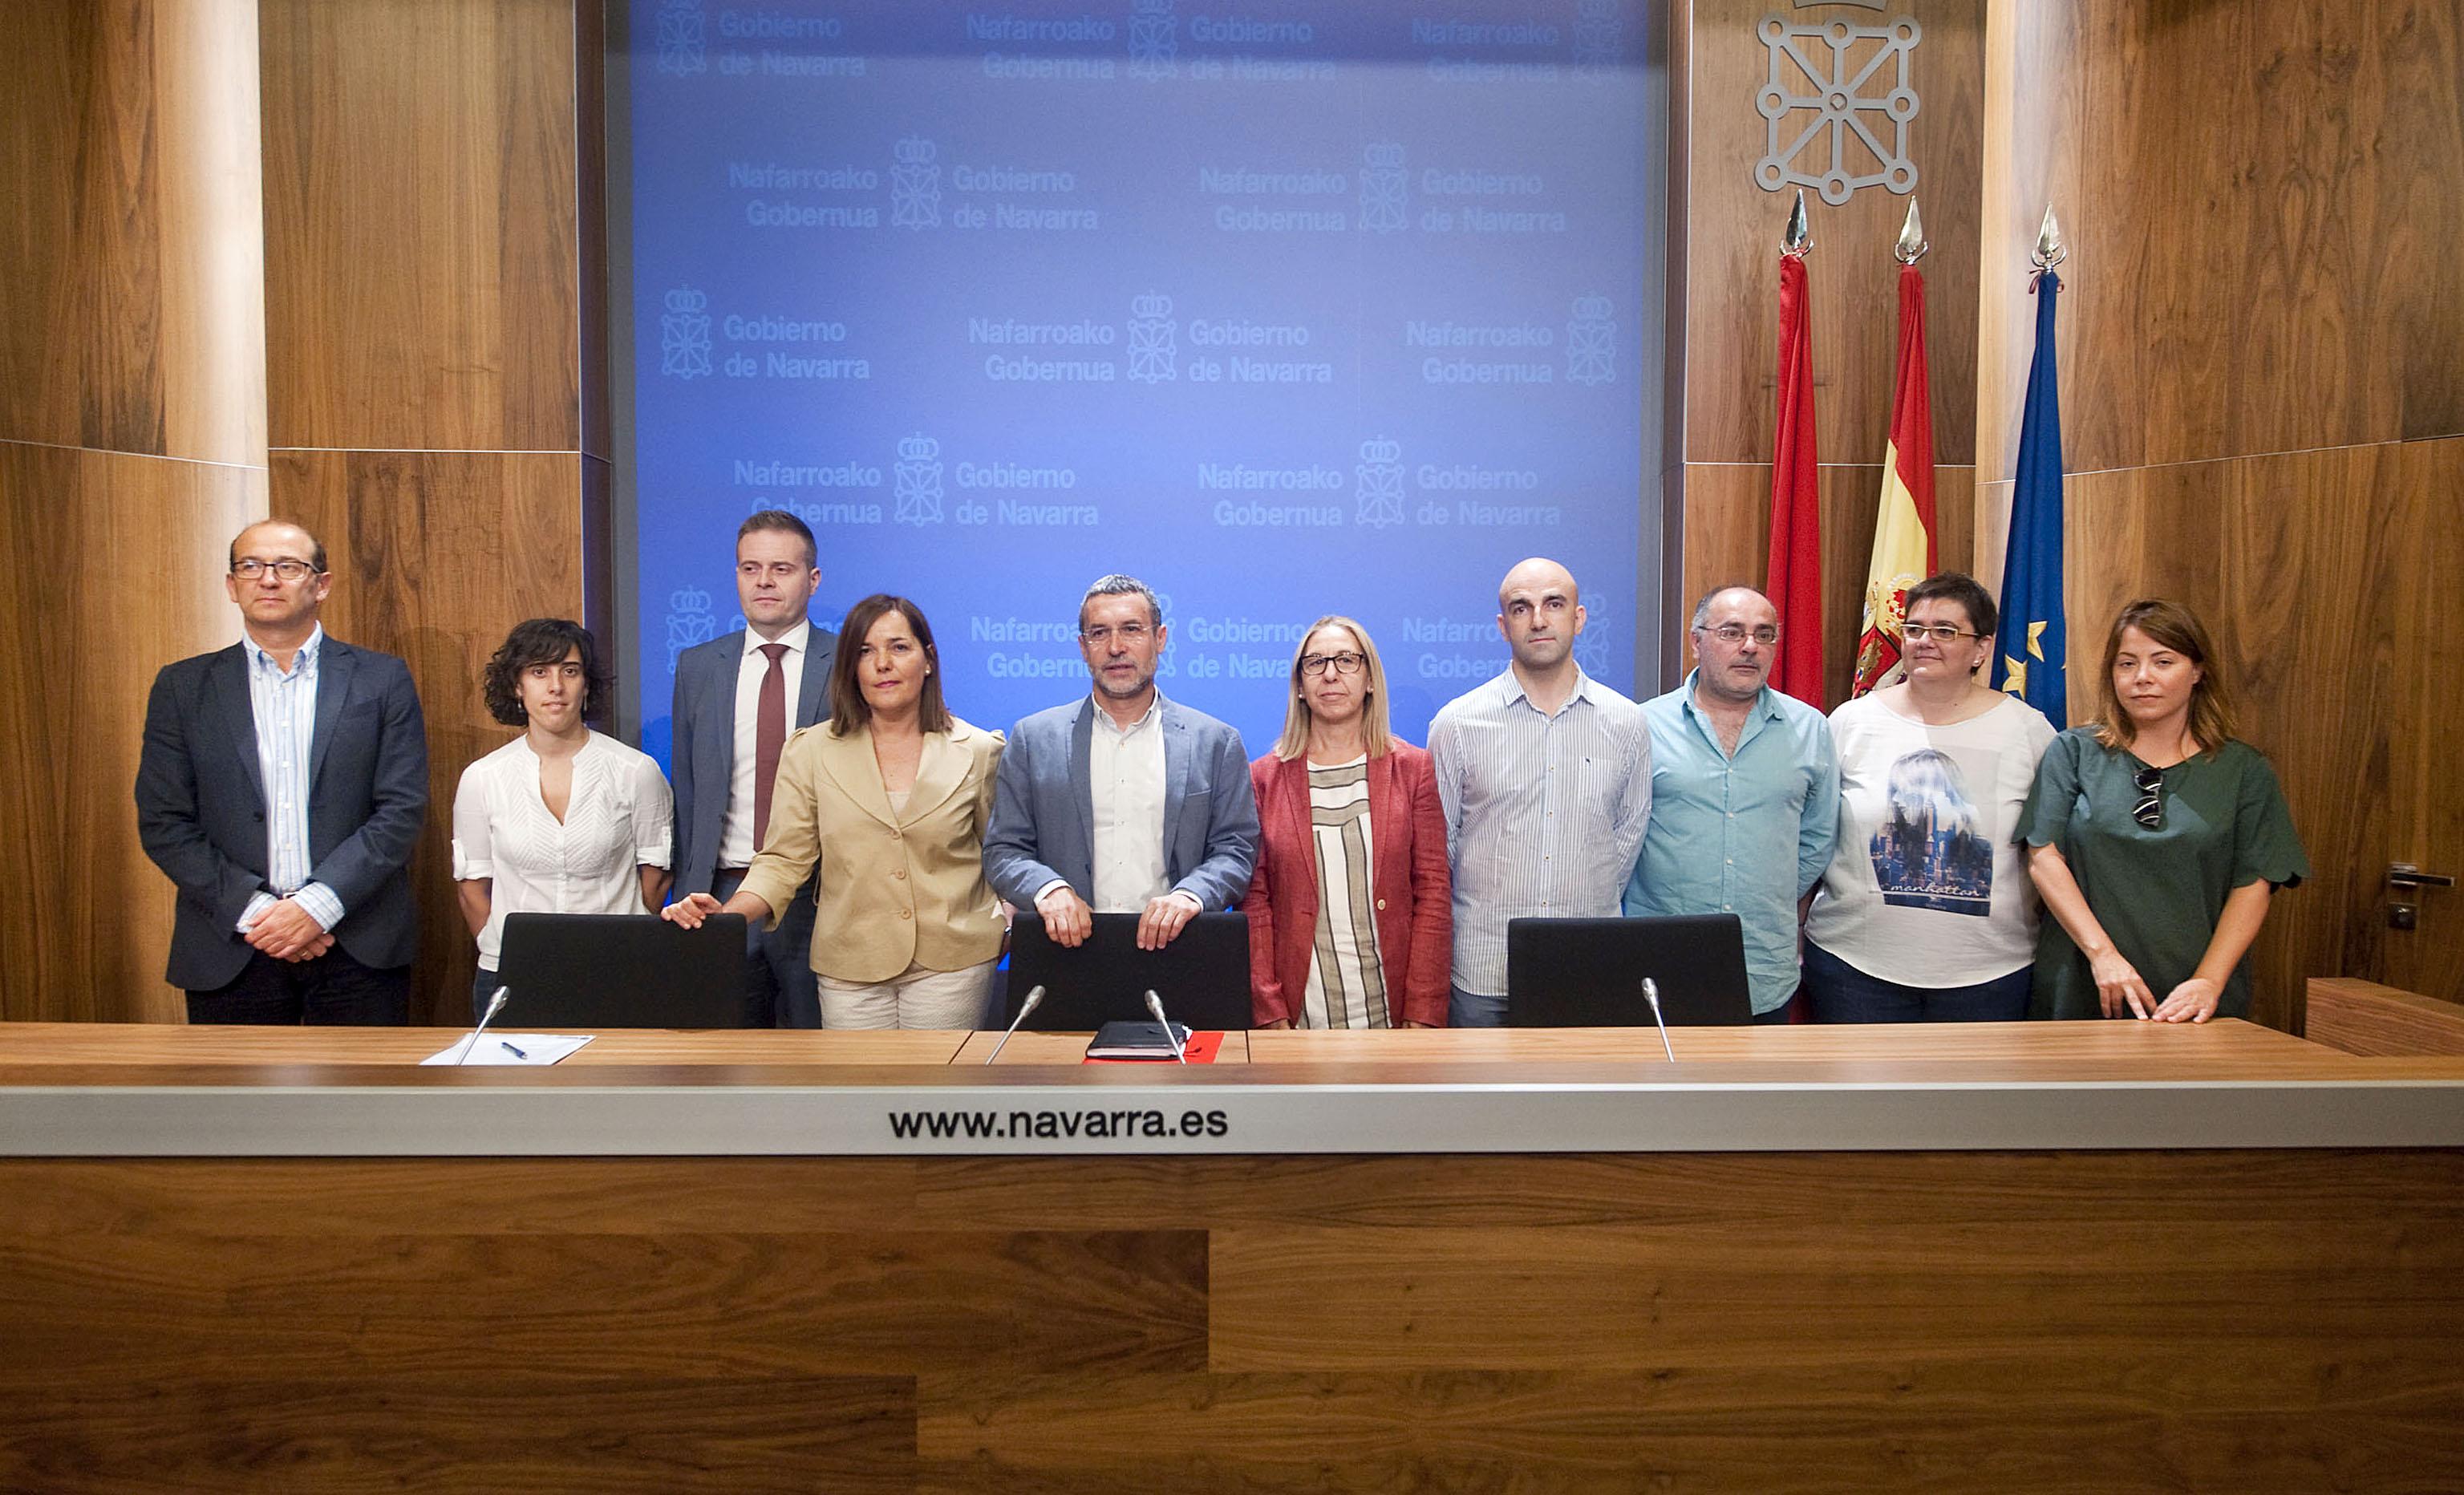 El vicepresidente Laparra junto a representantes de entidades impulsoras y colaboradoras del proyecto ERSISI - 2016-08-12